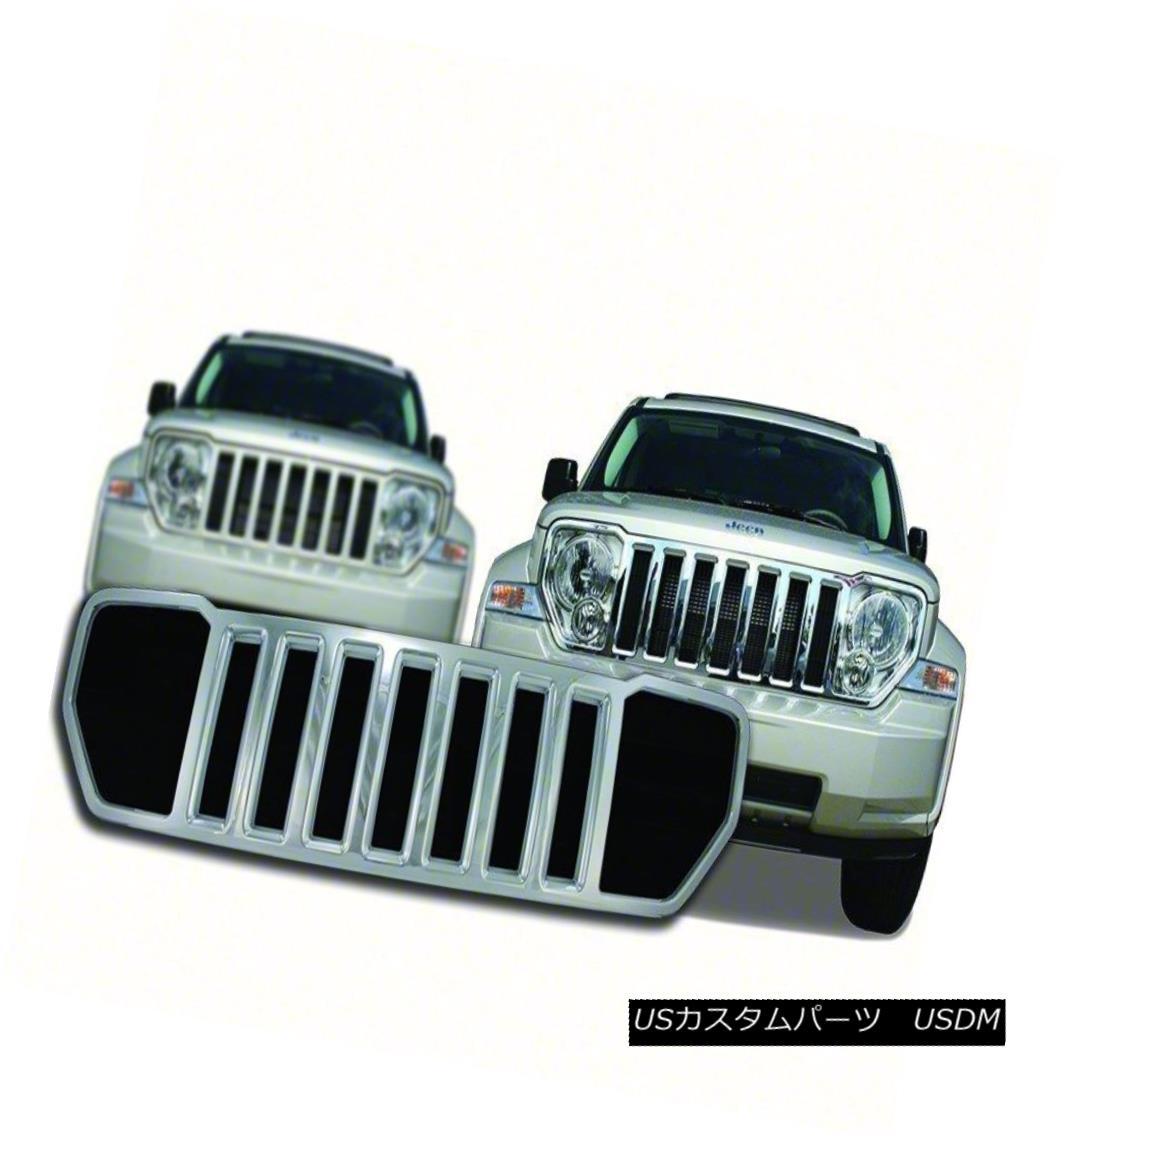 グリル Fits 08-13 Jeep Liberty Chrome Grille Overlay IWCGI55 フィット08-13ジープリバティークロームグリルオーバーレイIWCGI55